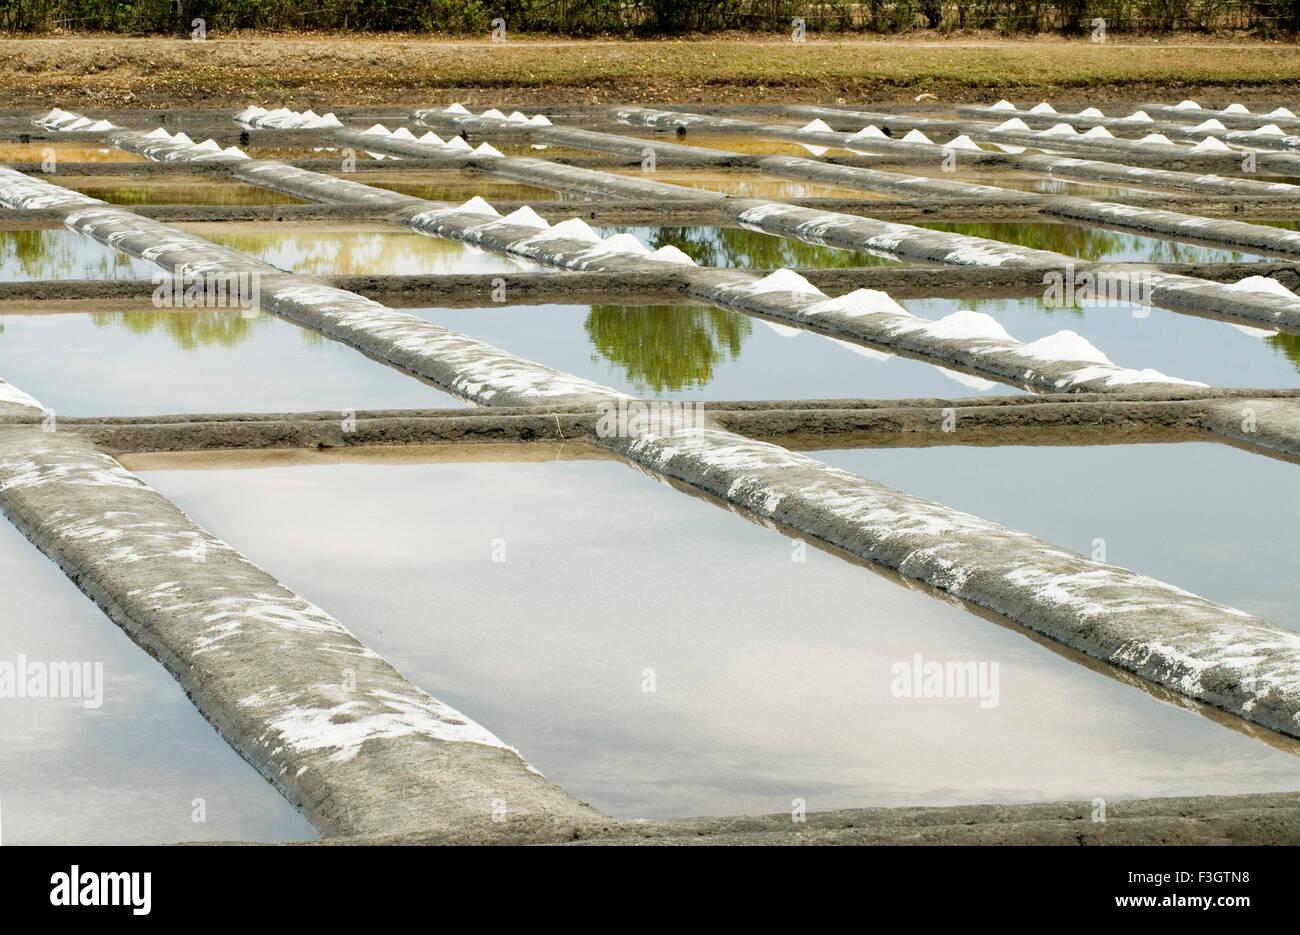 Salt meadow or saltpans at village Shiroda ; district Sindhudurga ; Maharashtra ; India Stock Photo